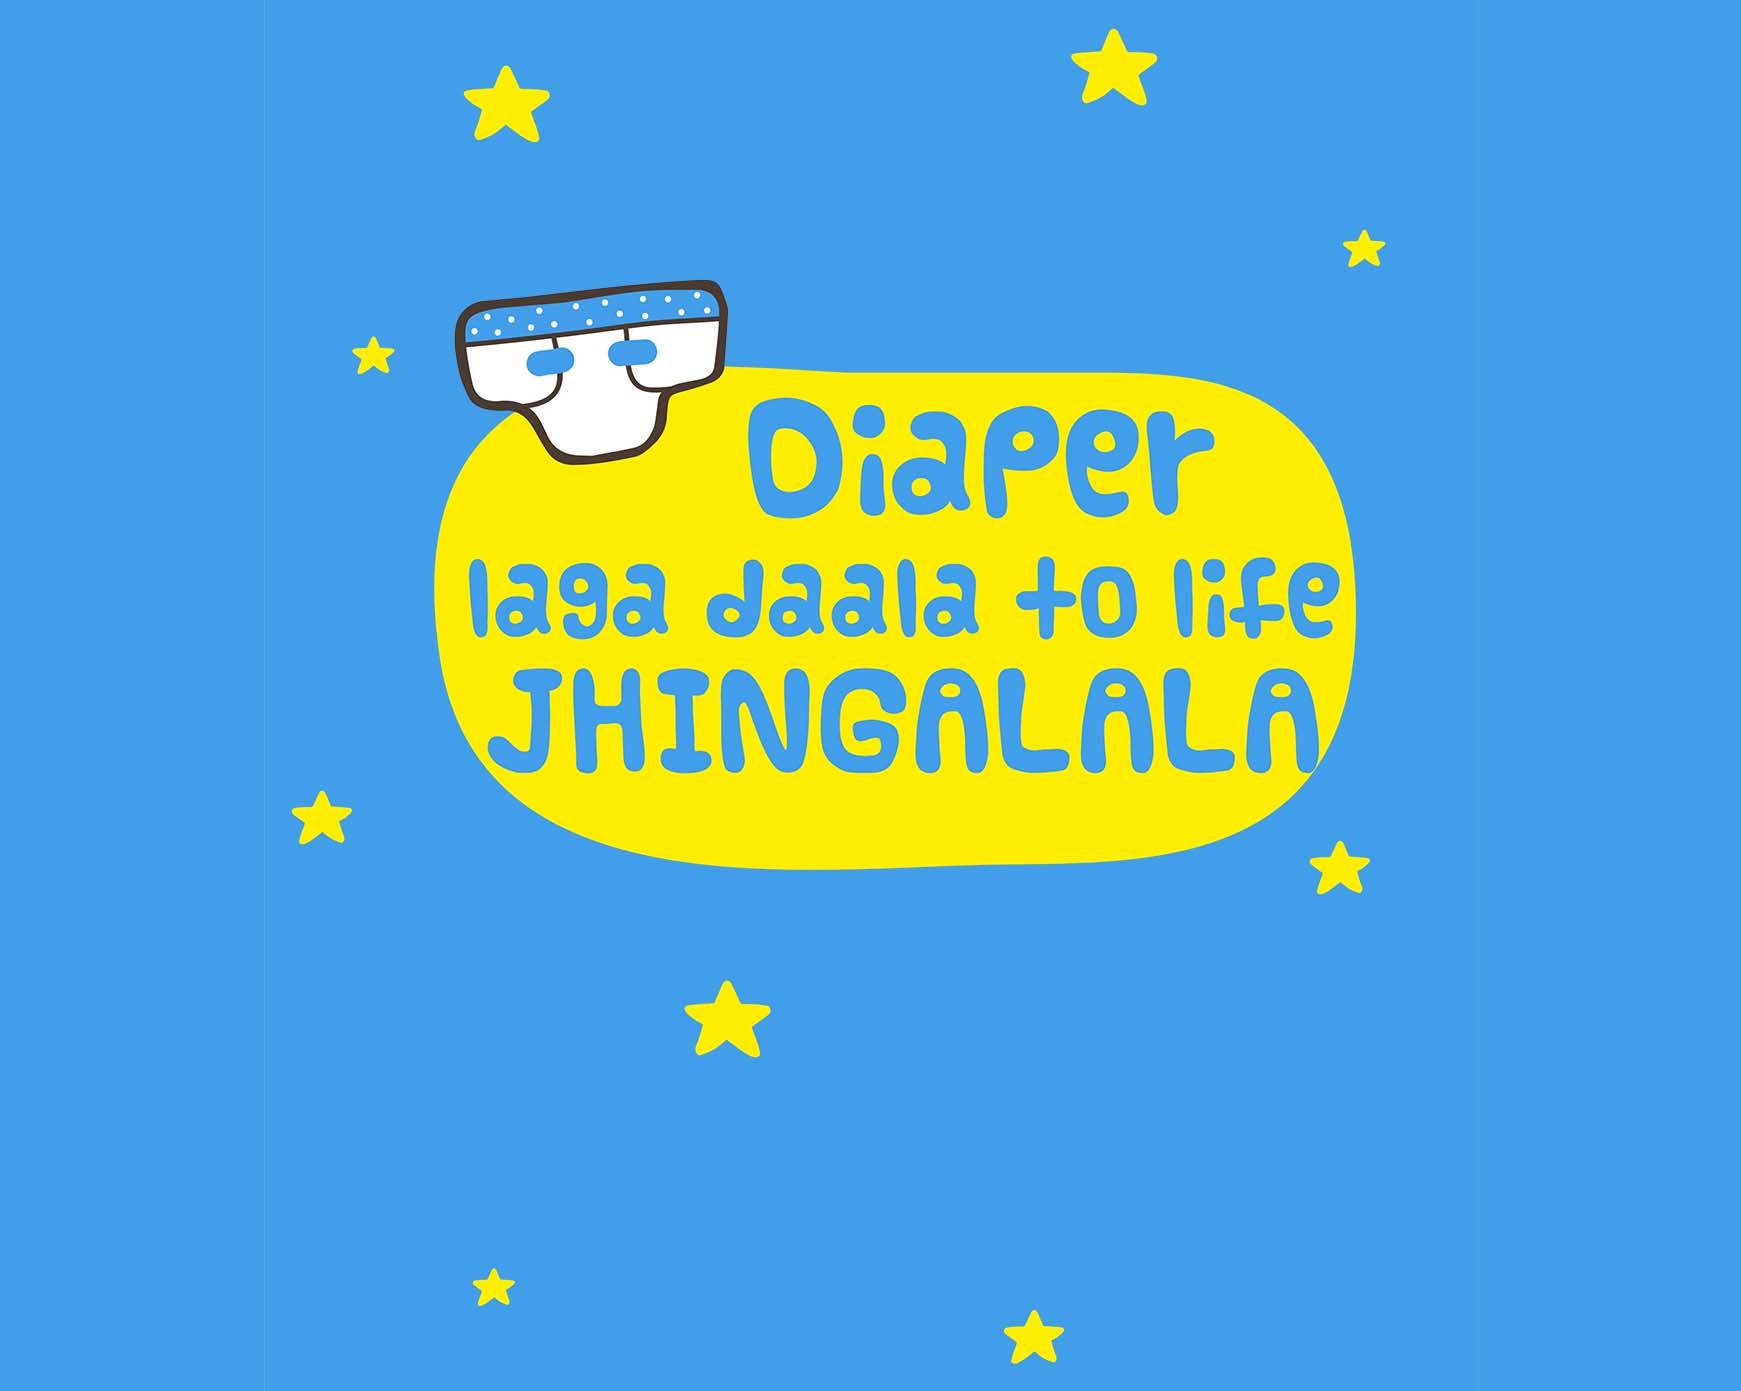 234-Jingalala.jpg